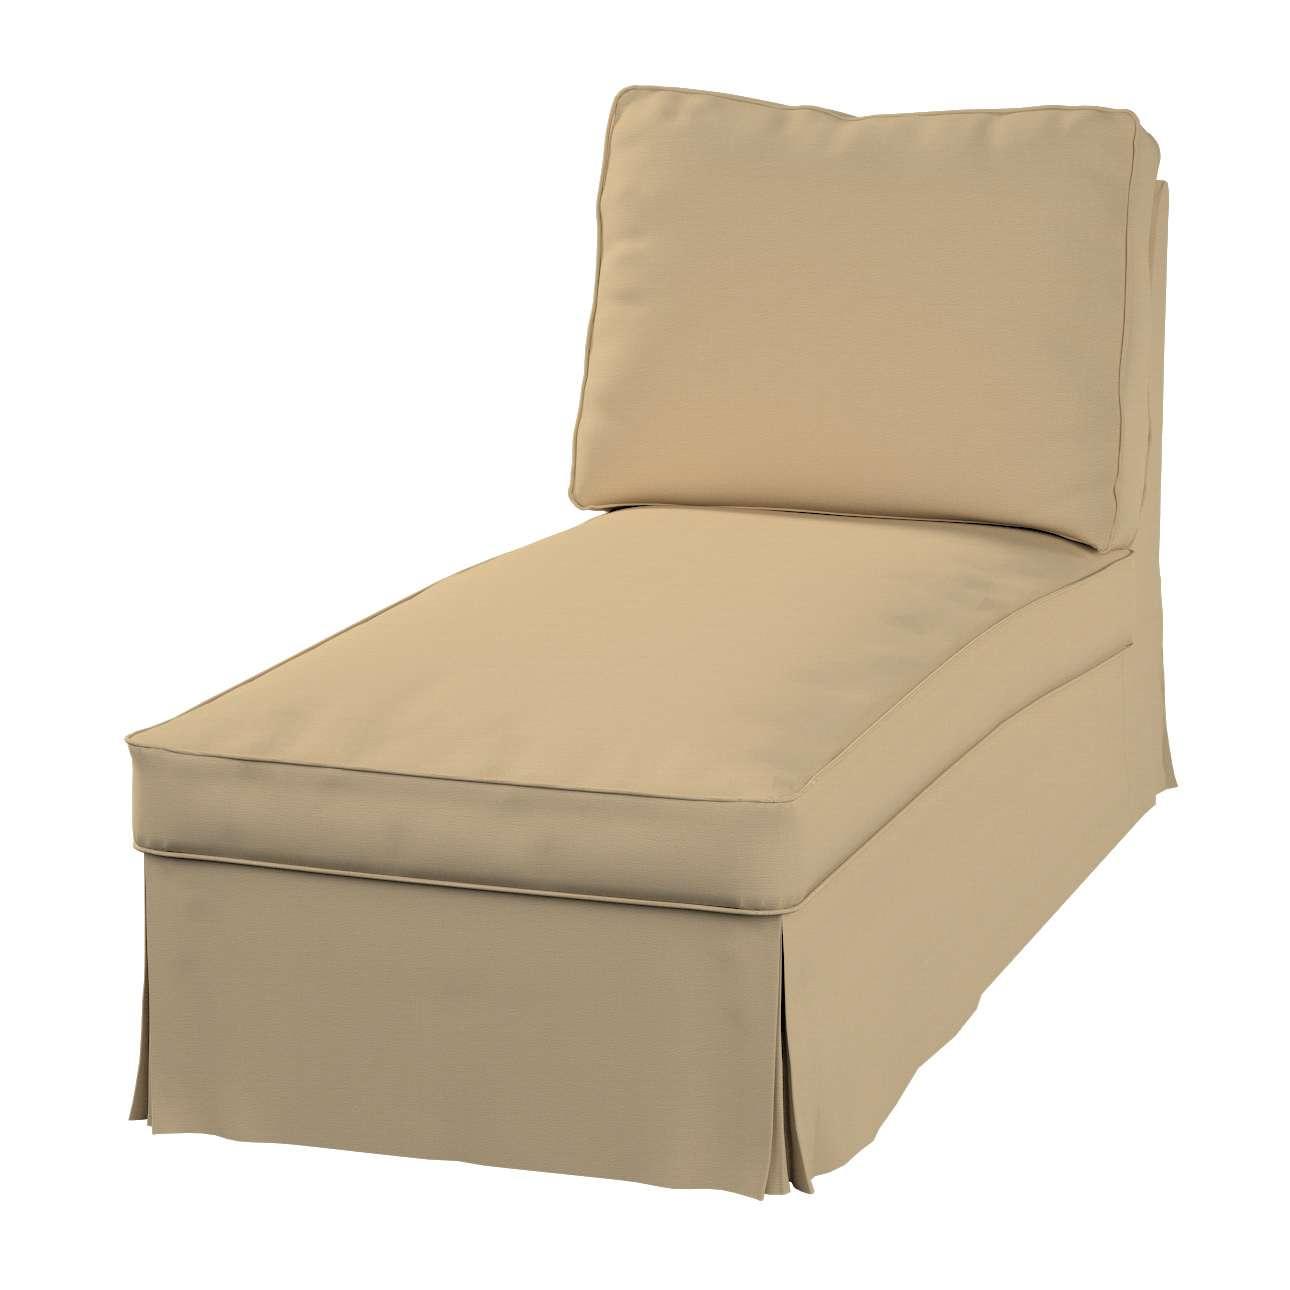 Ektorp gulimojo krėslo užvalkalas (be porankių, tiesus atlošas) Ektorp gulimasis krėslas be porankių, tiesiu atlošu, be suapavalinimų kolekcijoje Cotton Panama, audinys: 702-01